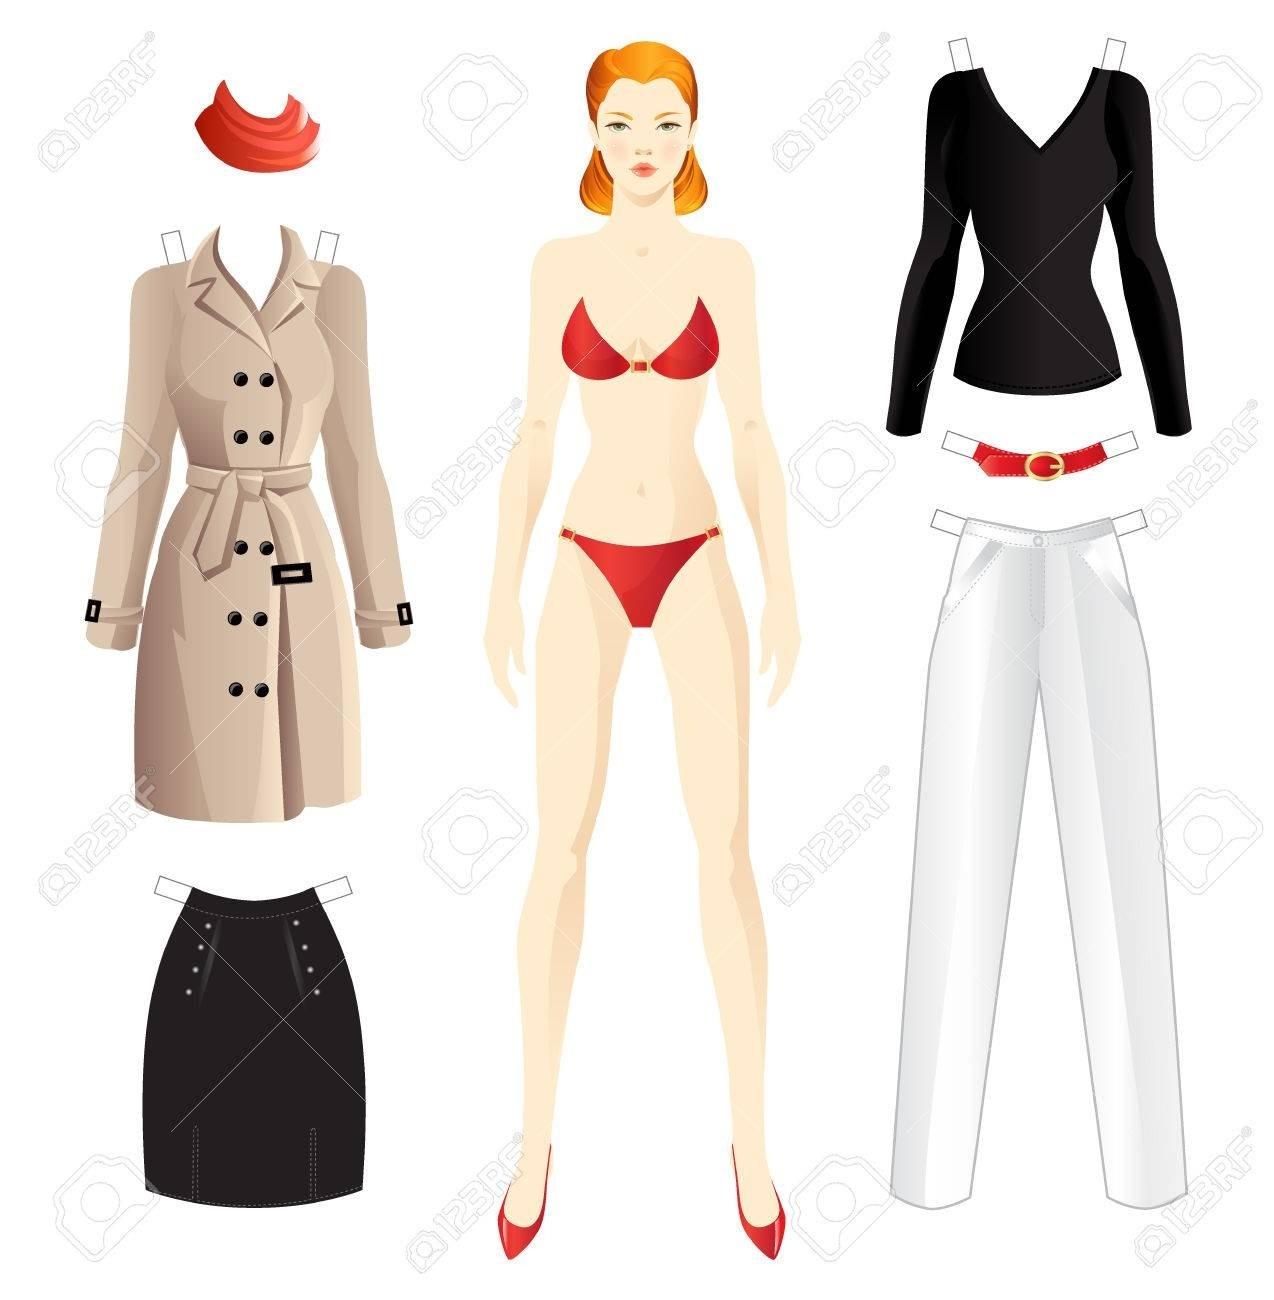 Abend Luxus Kleidung Frauen StylishFormal Einfach Kleidung Frauen für 2019